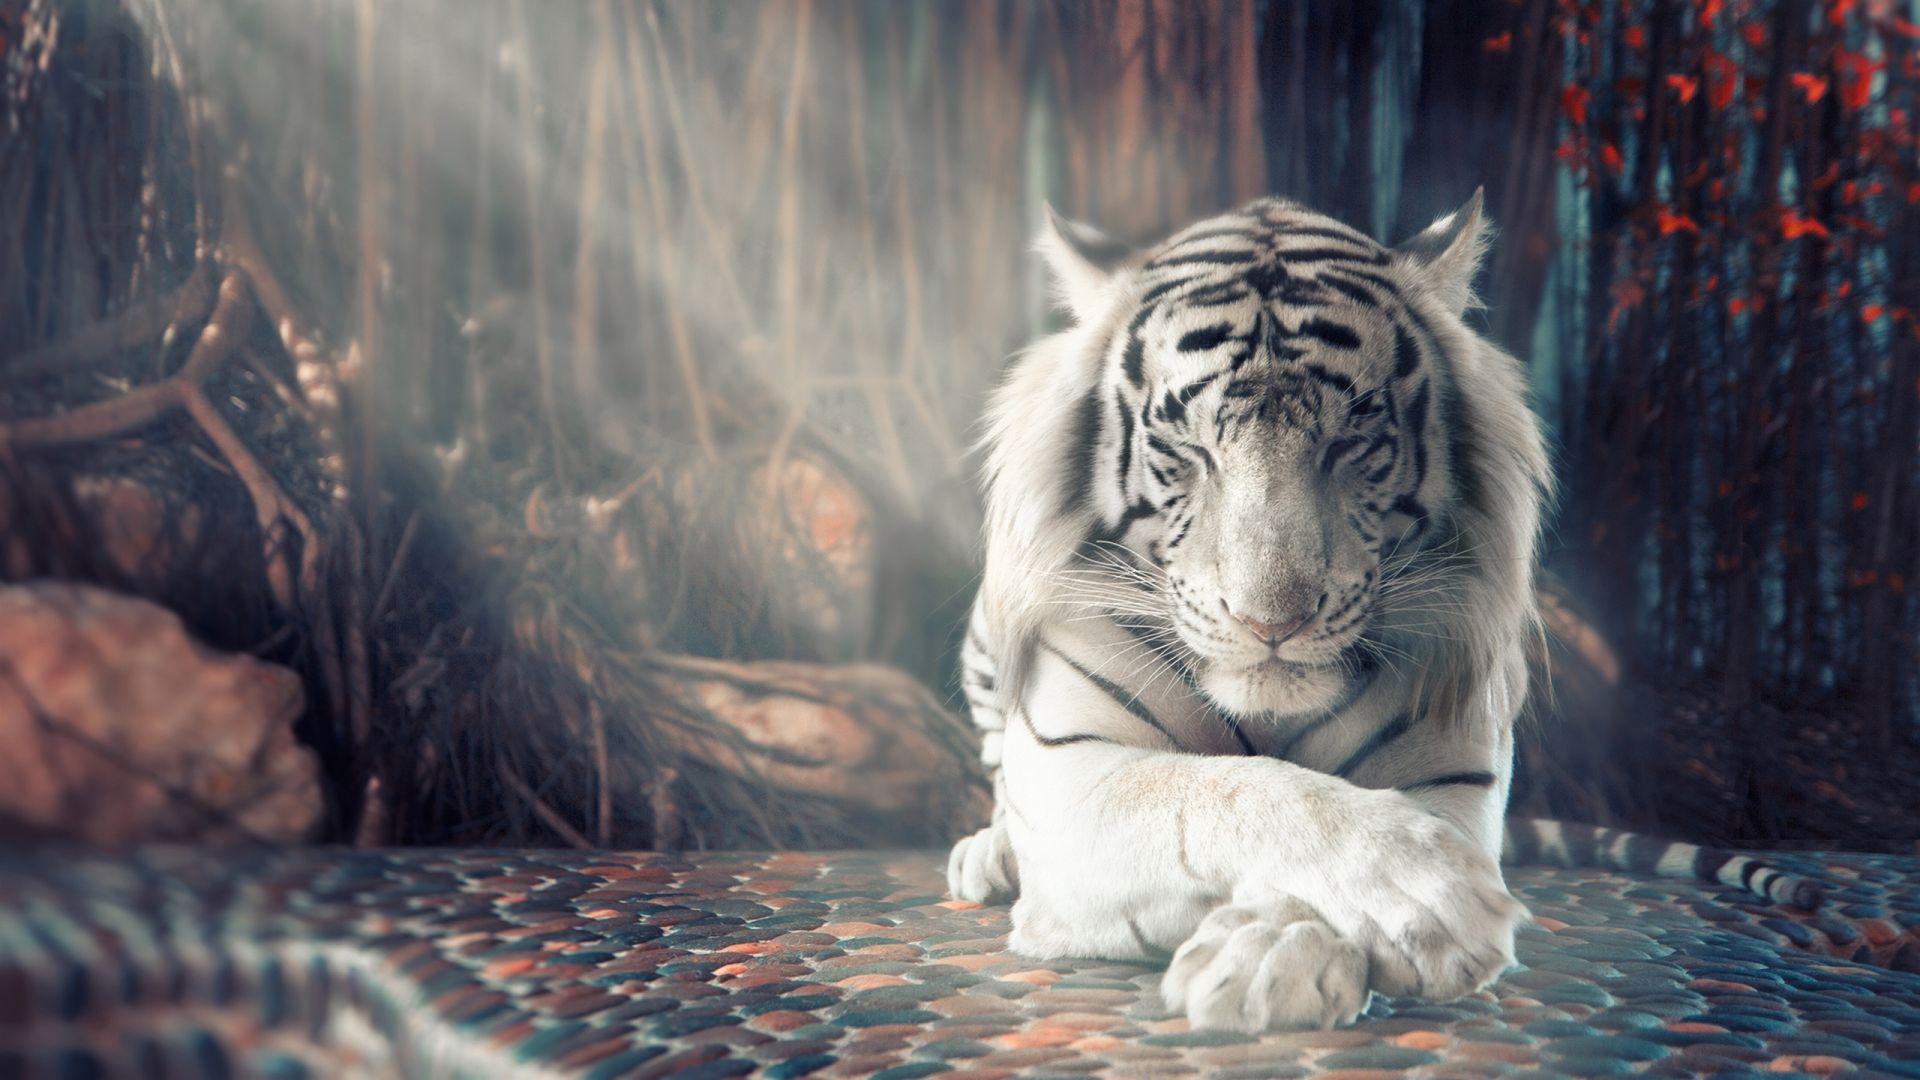 White tiger sleeps legs folded, Full HD Wallpaper